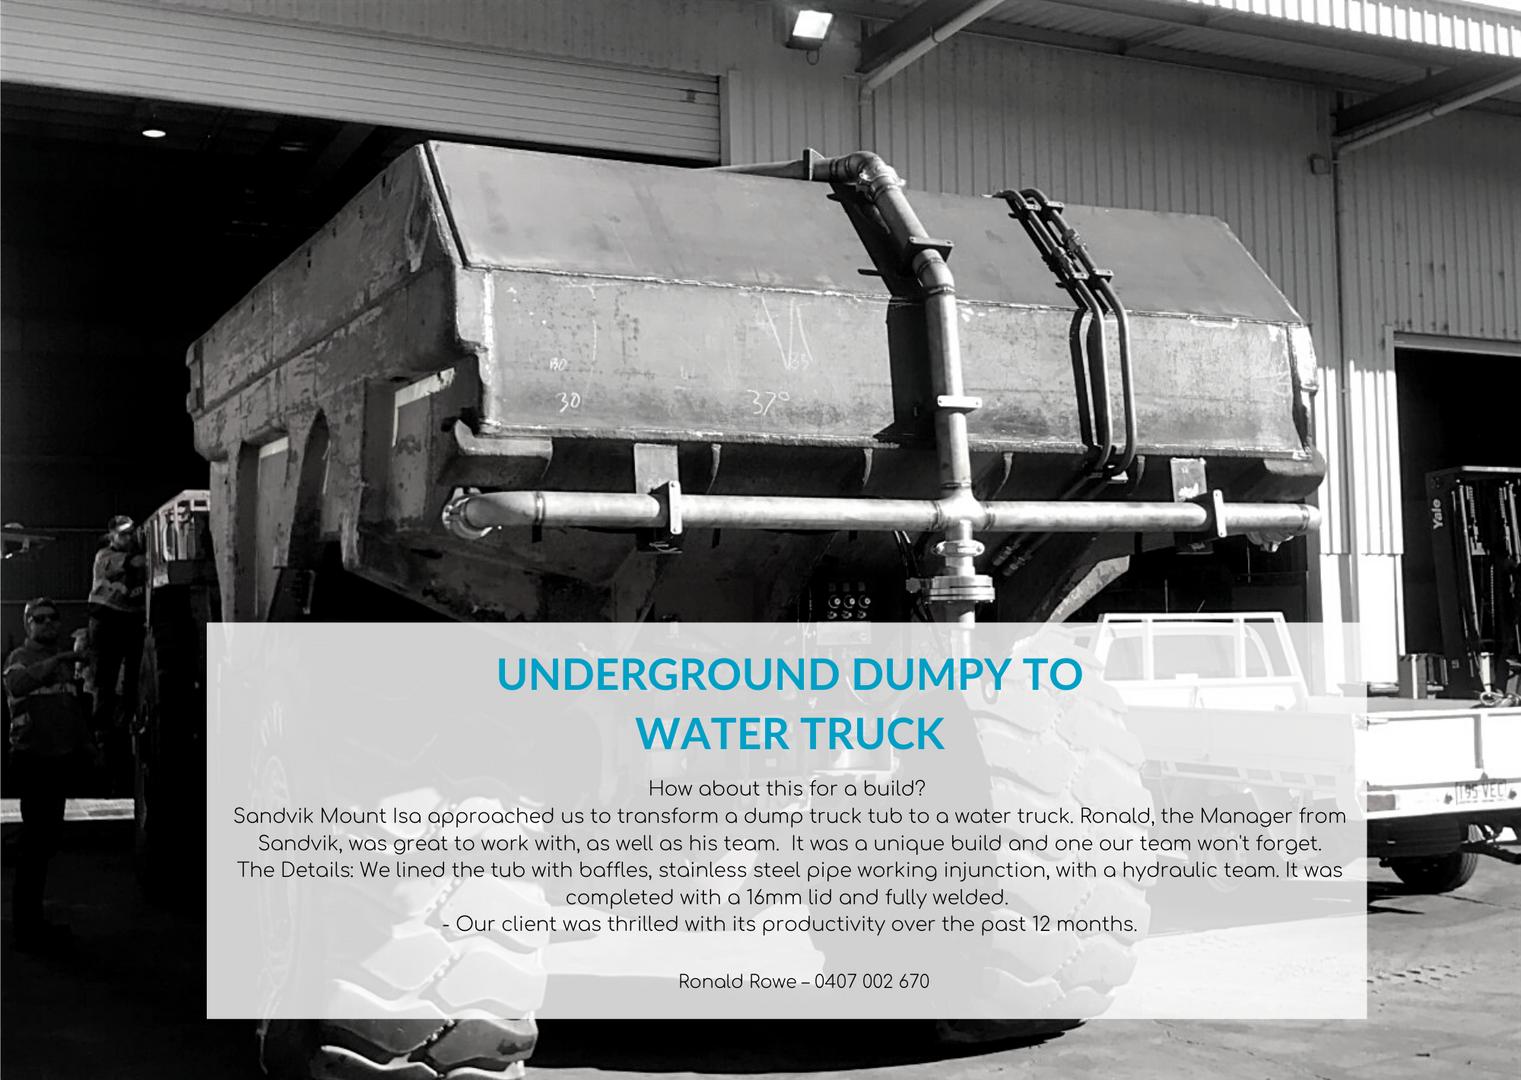 underground dumpy